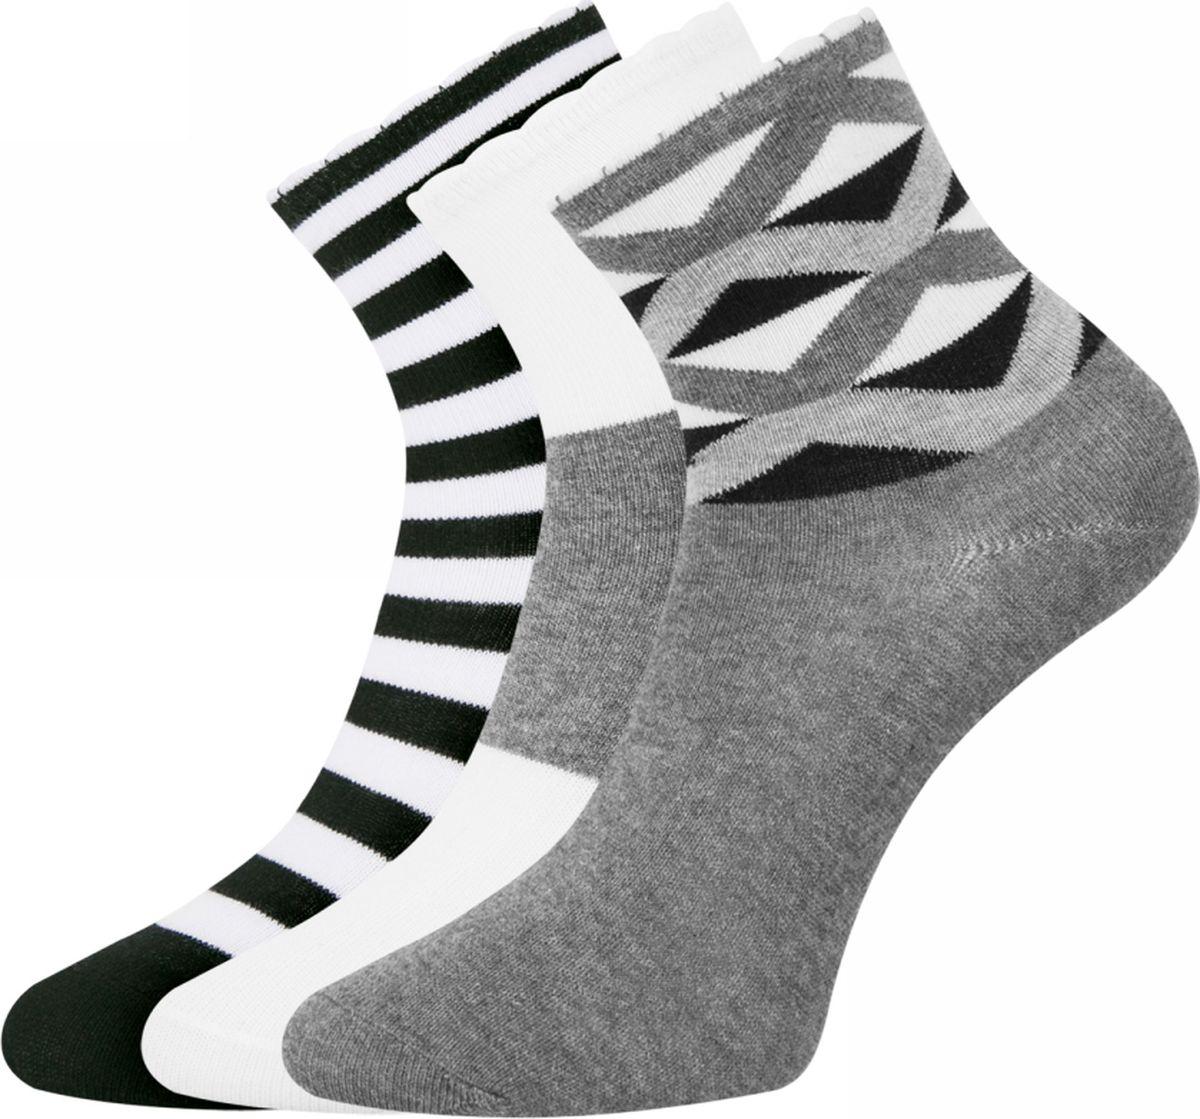 Носки oodji носки женские oodji цвет разноцветный 10 пар 57102703t10 47469 2 размер 35 37